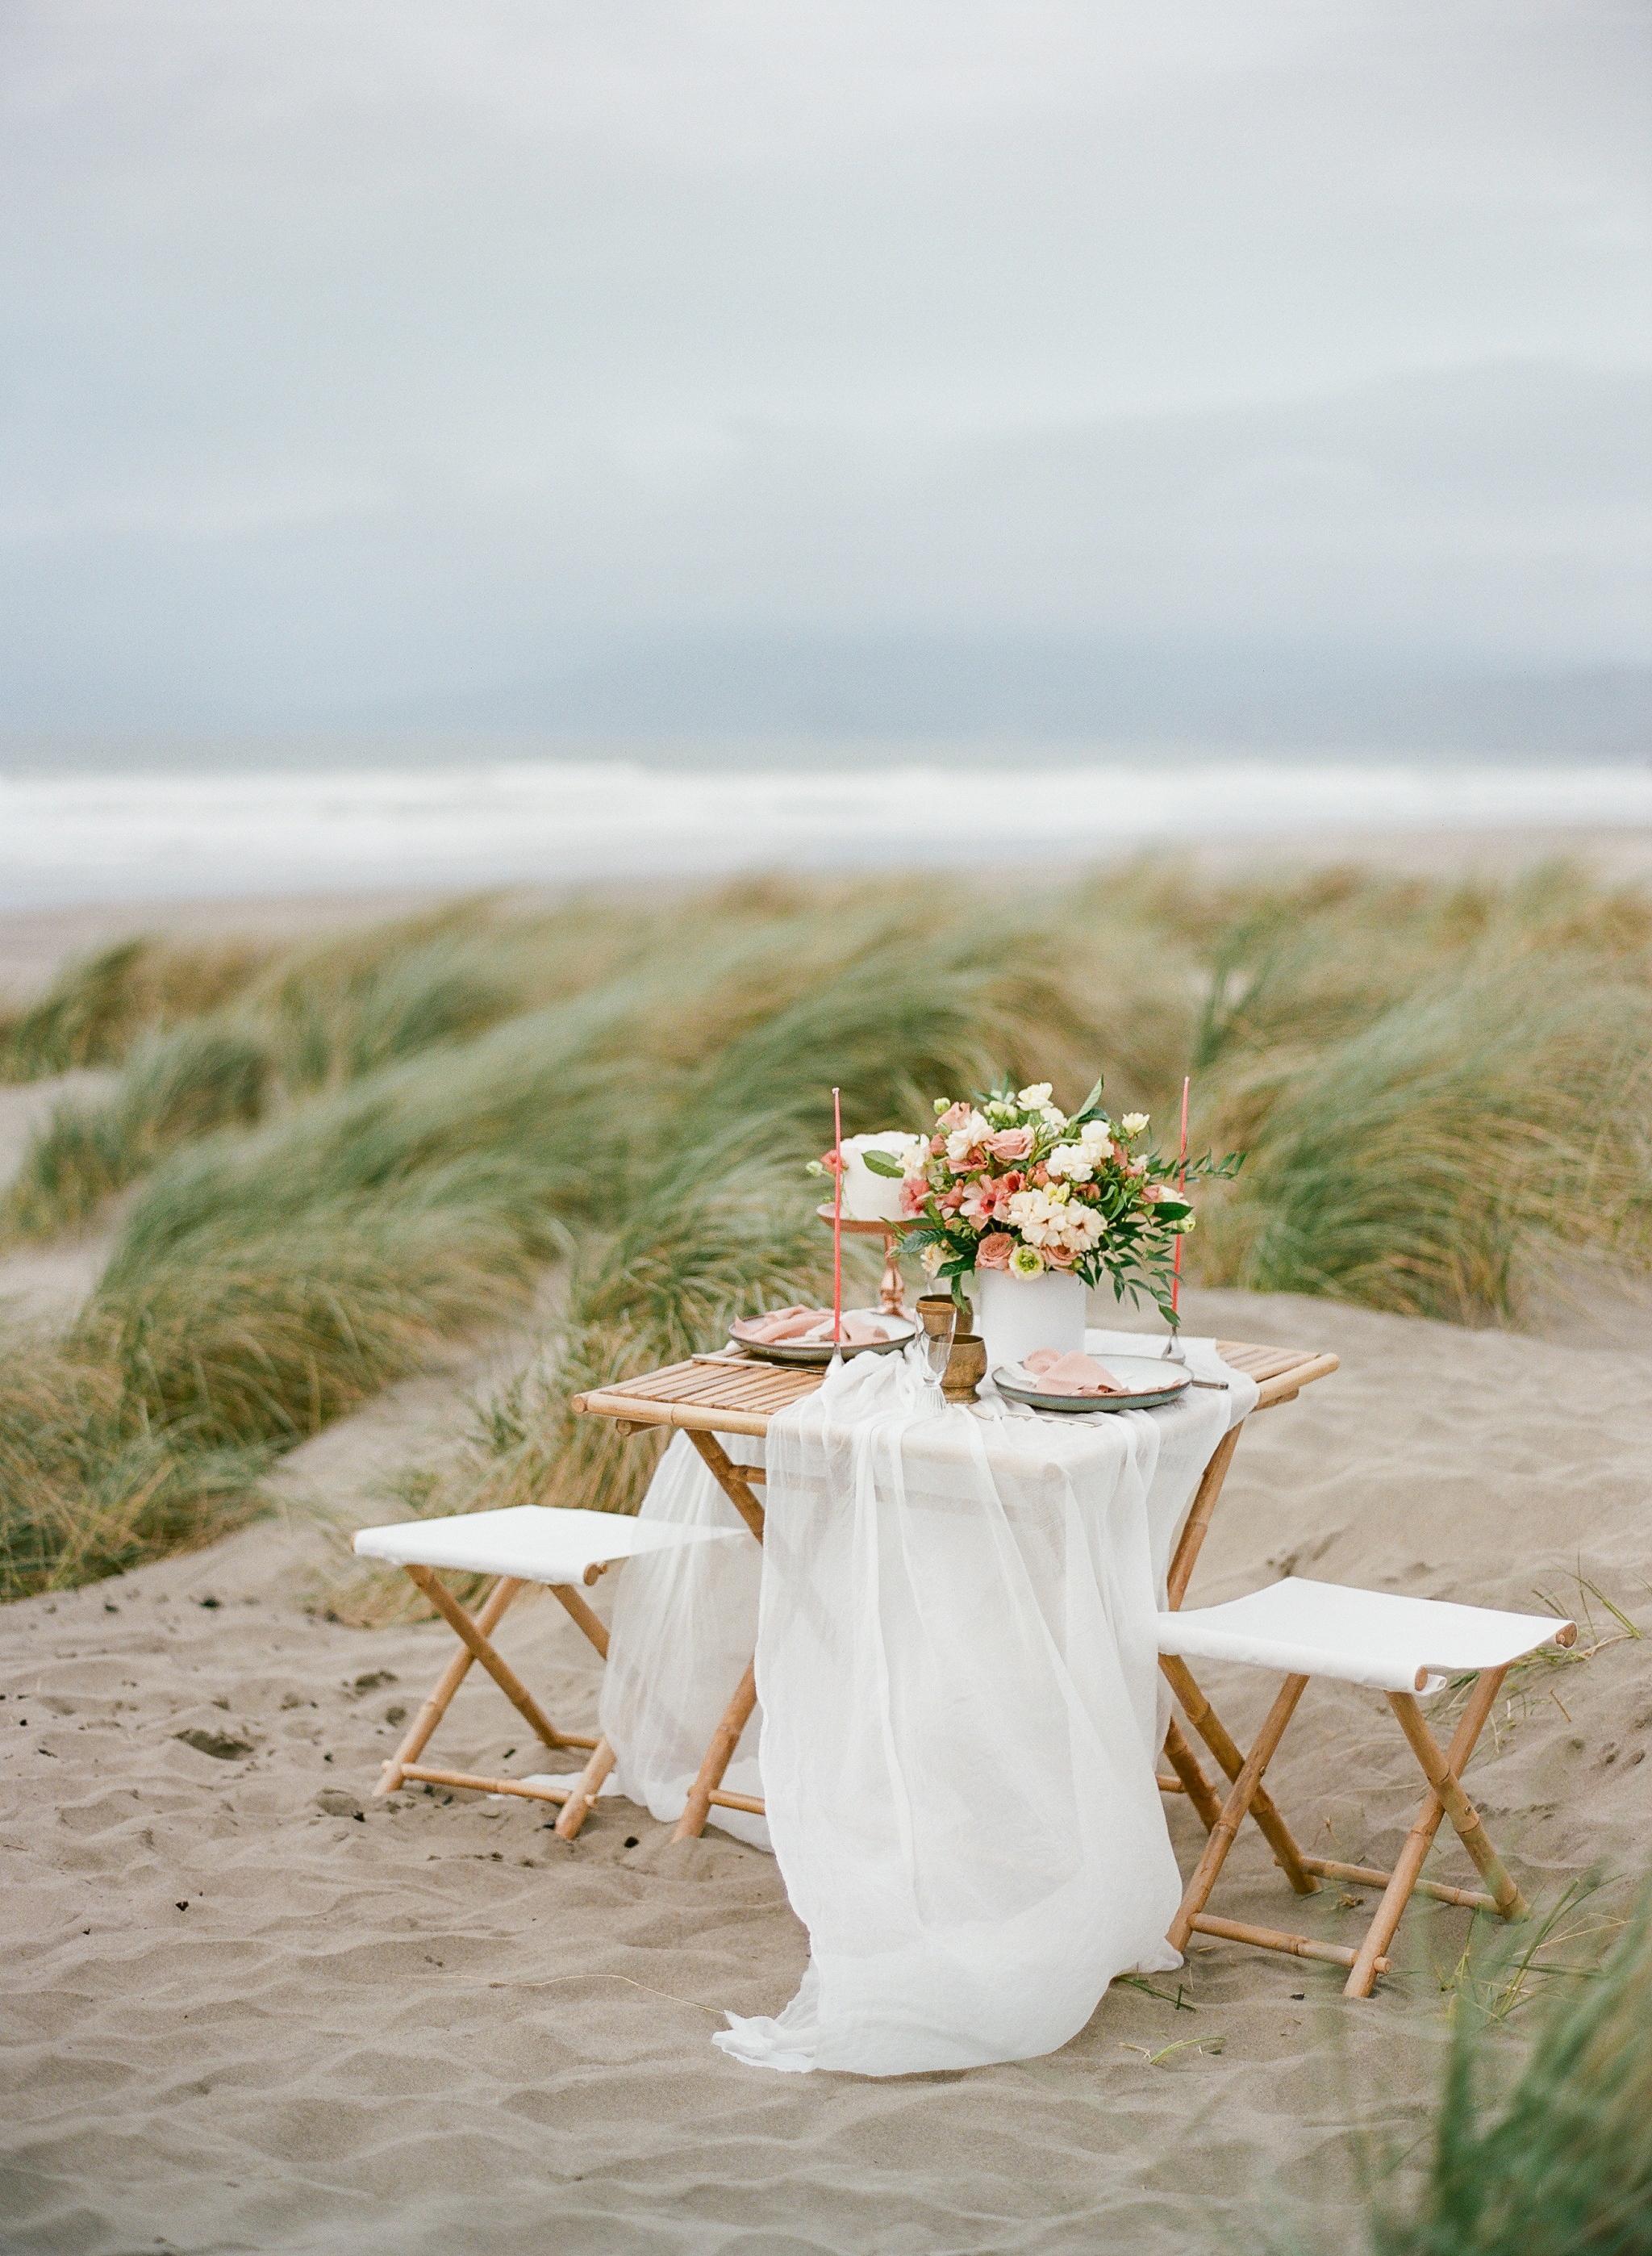 Muave wedding table decoration